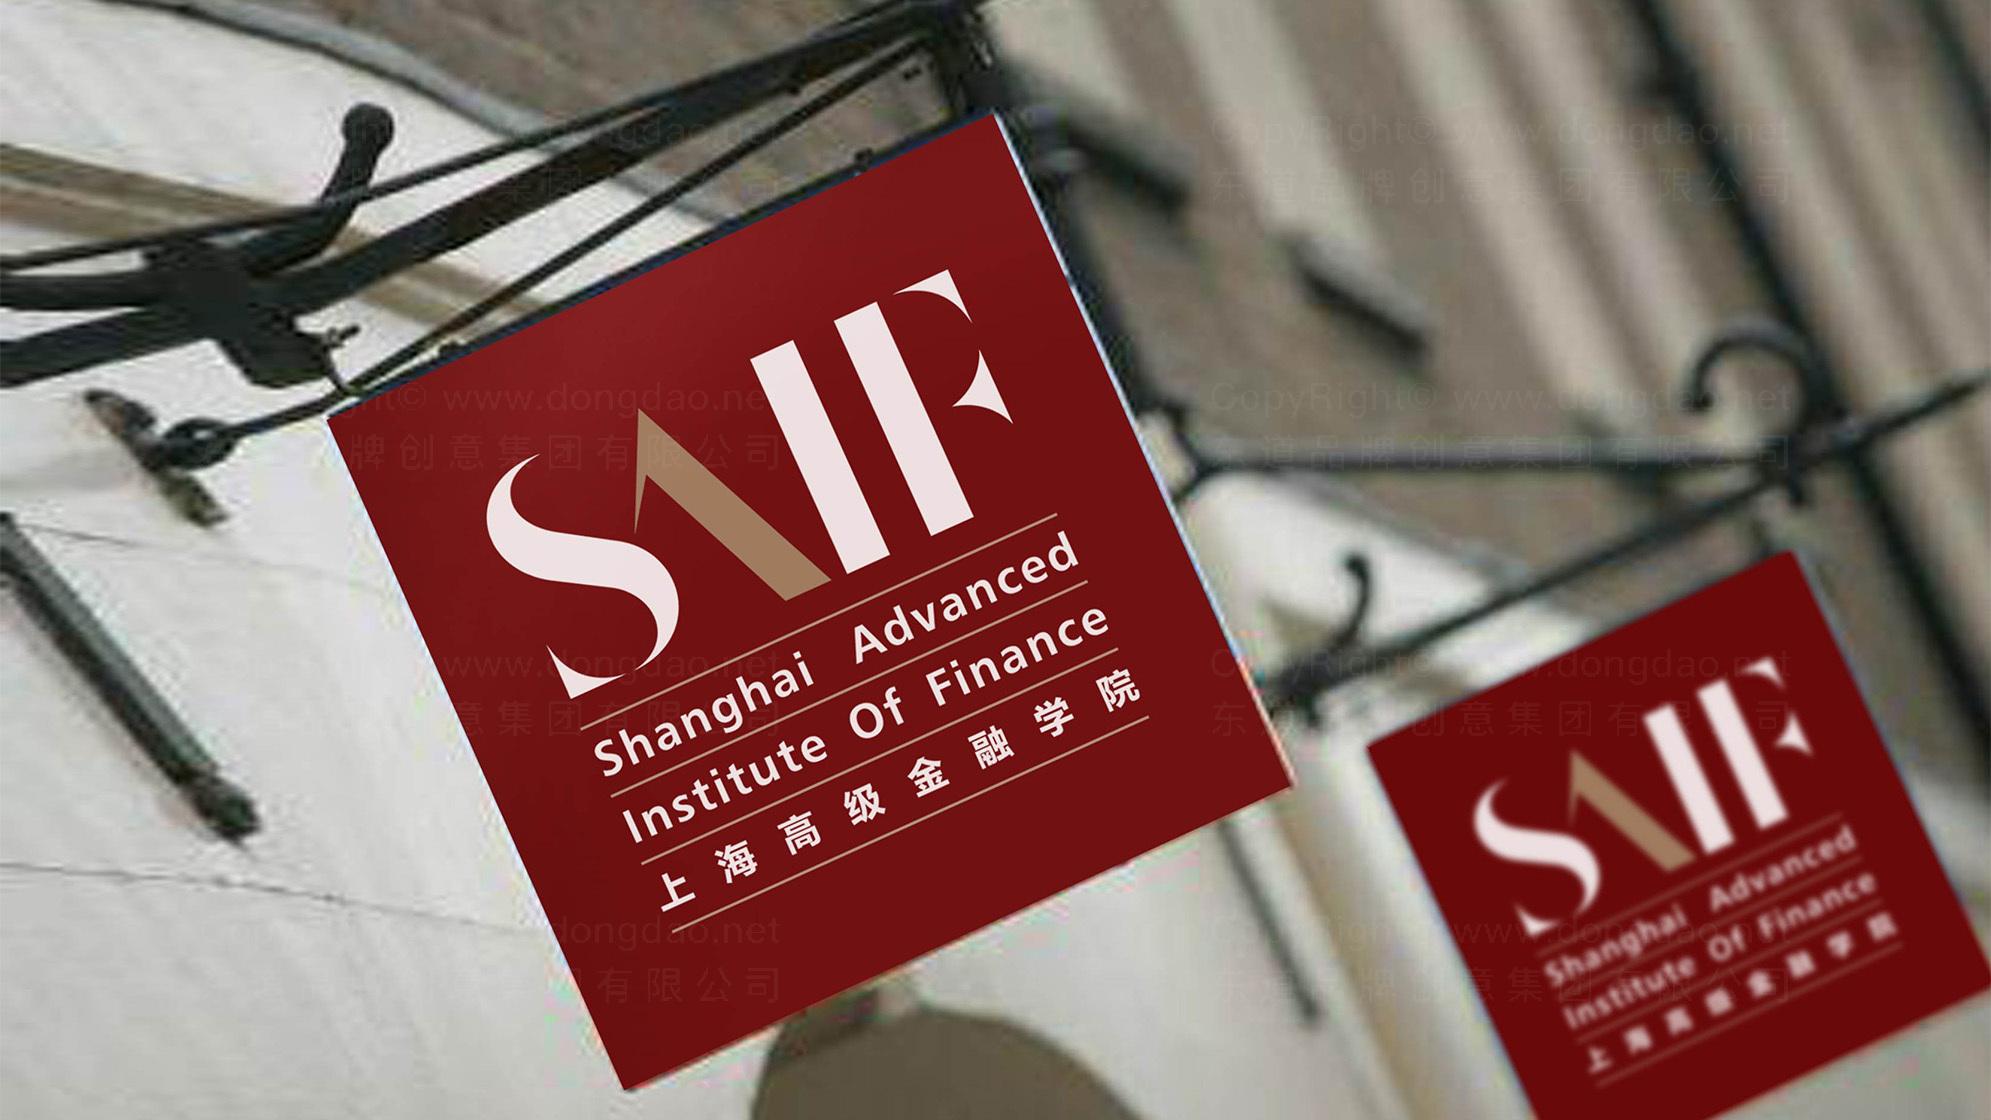 品牌设计上海高级金融学院logo设计、vi设计应用场景_7